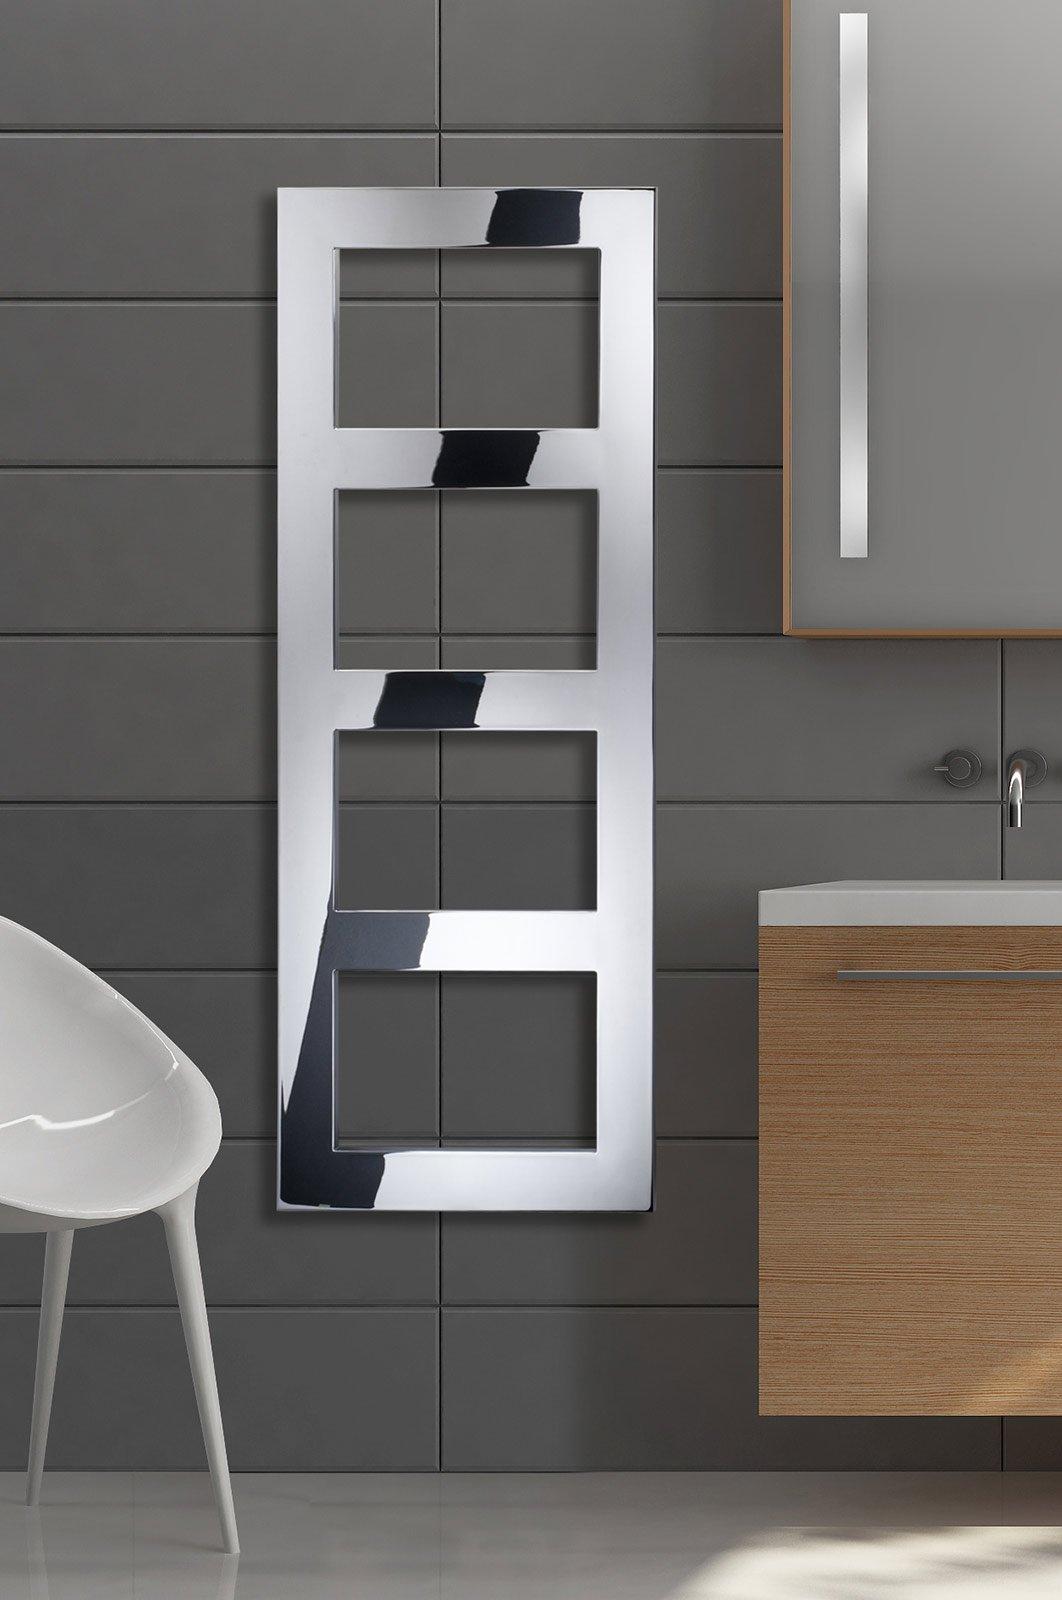 Termoarredi per riscaldare con il design cose di casa - Termosifoni design prezzi ...